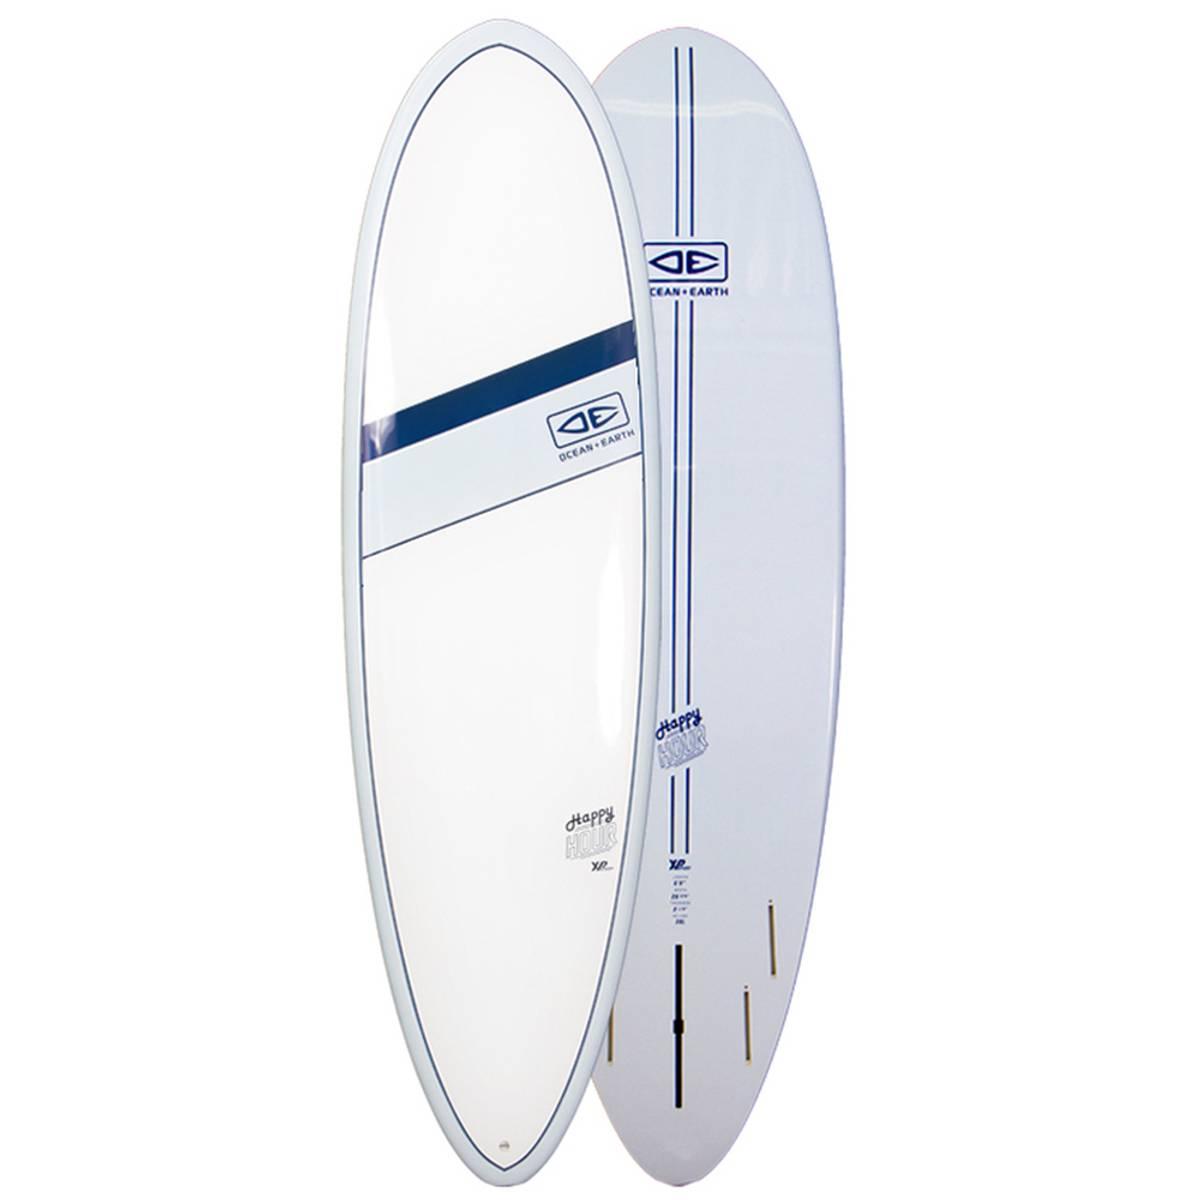 O&E - Happy Hour Epoxy 6'6 (42L) Surfebrett